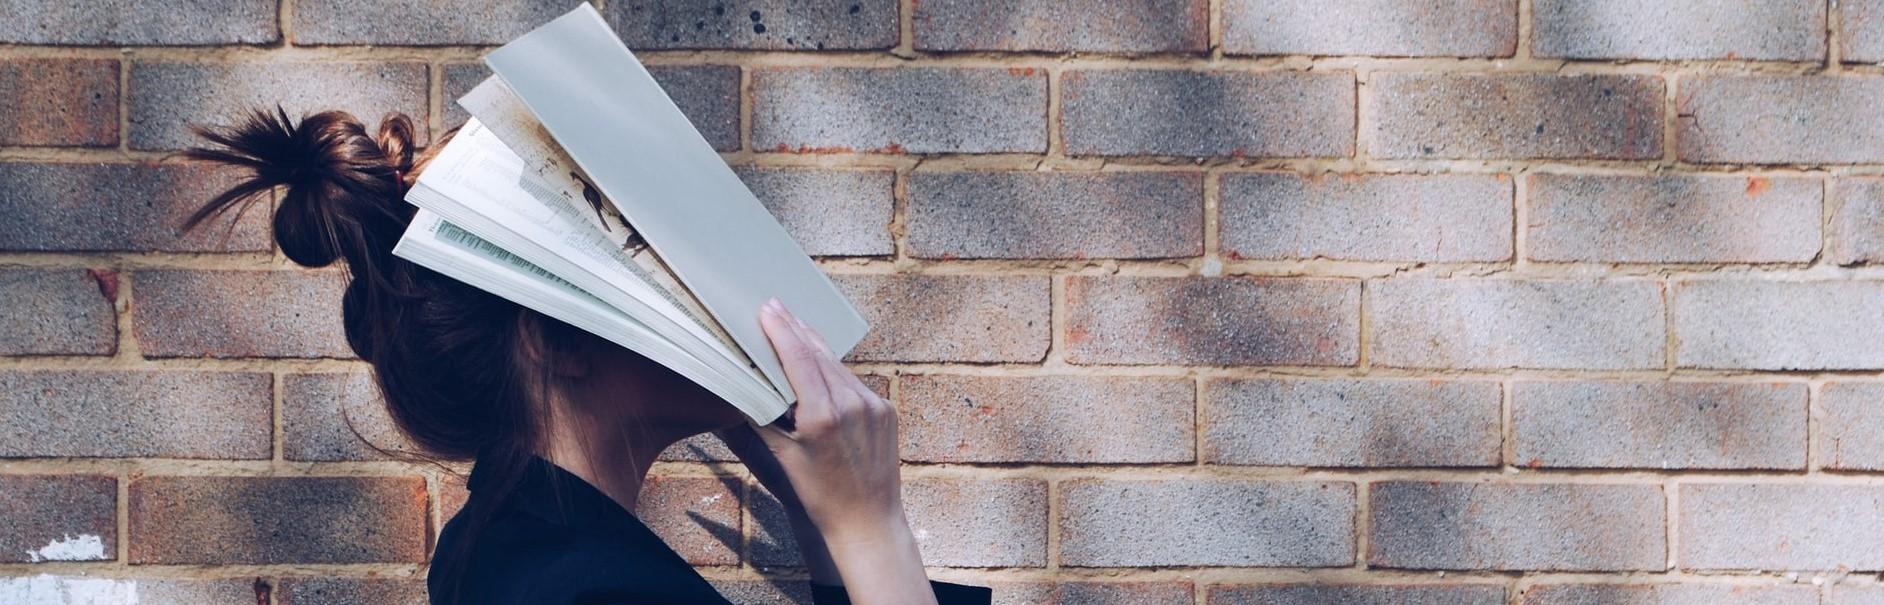 nainen kurkistaa kirjan takaa